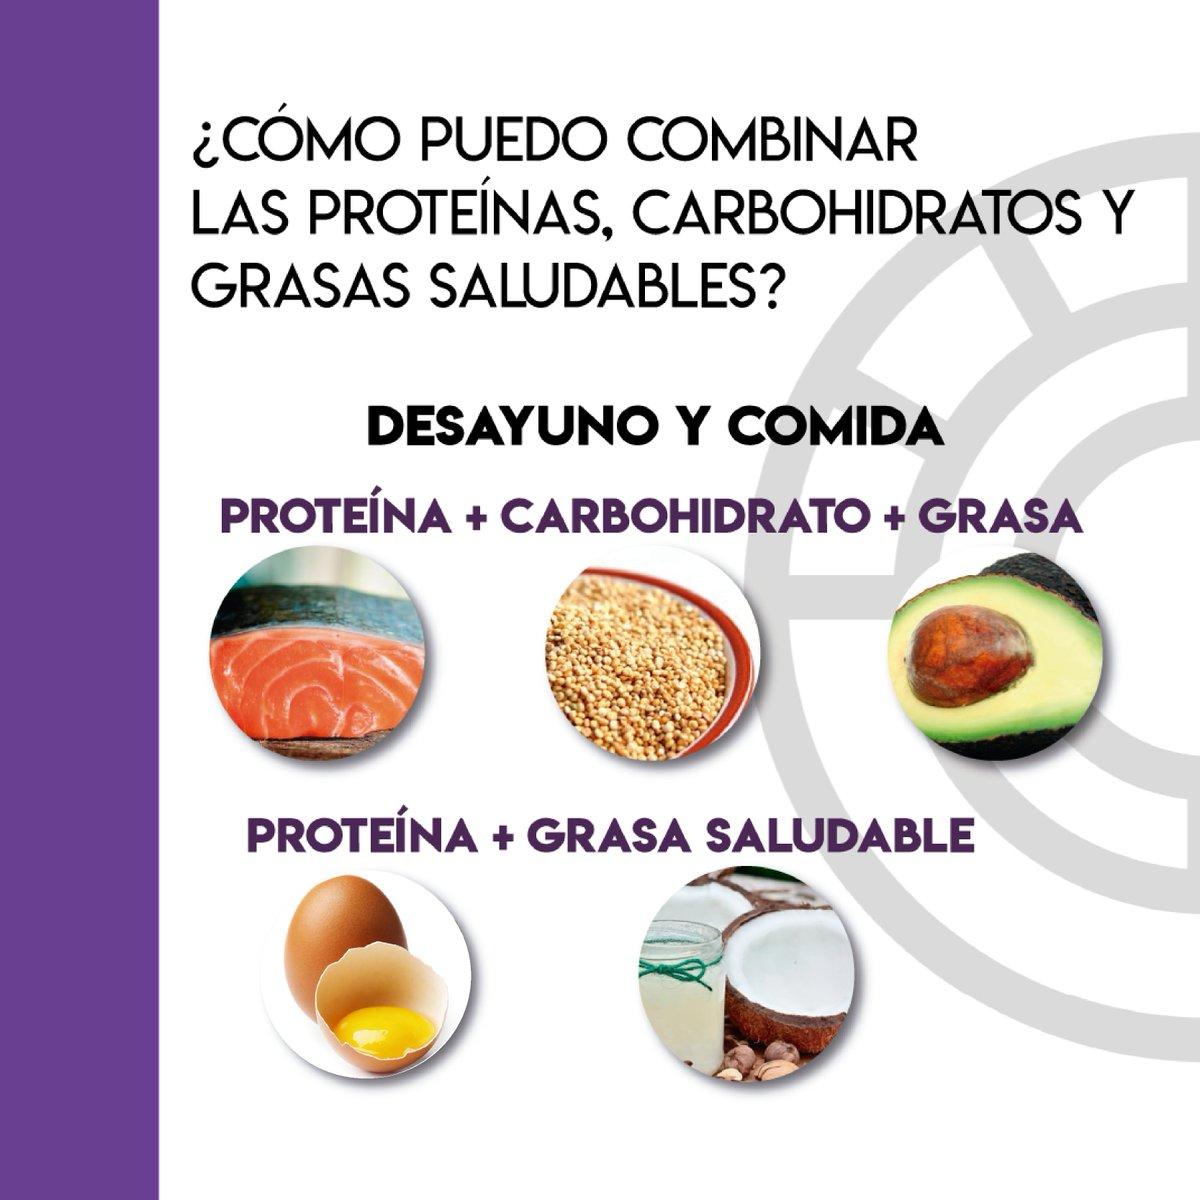 no combinar proteinas con carbohidratos